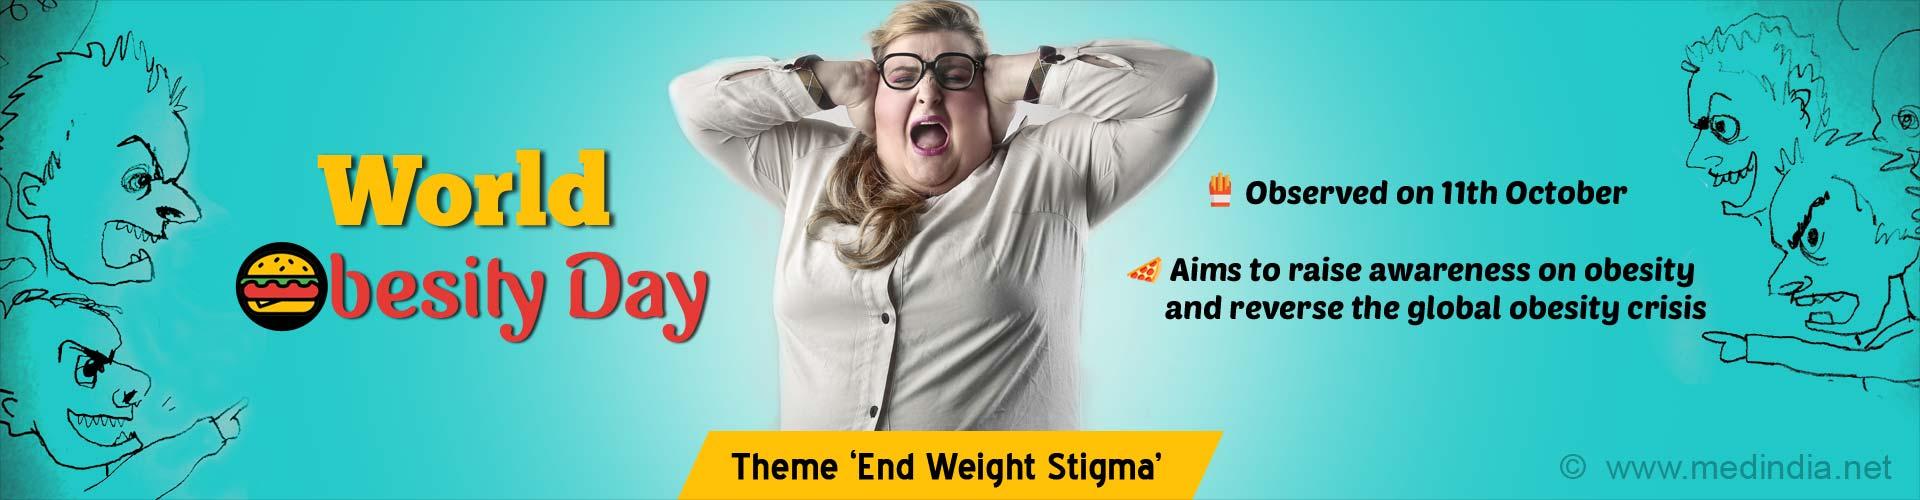 world-obesity-day-2018